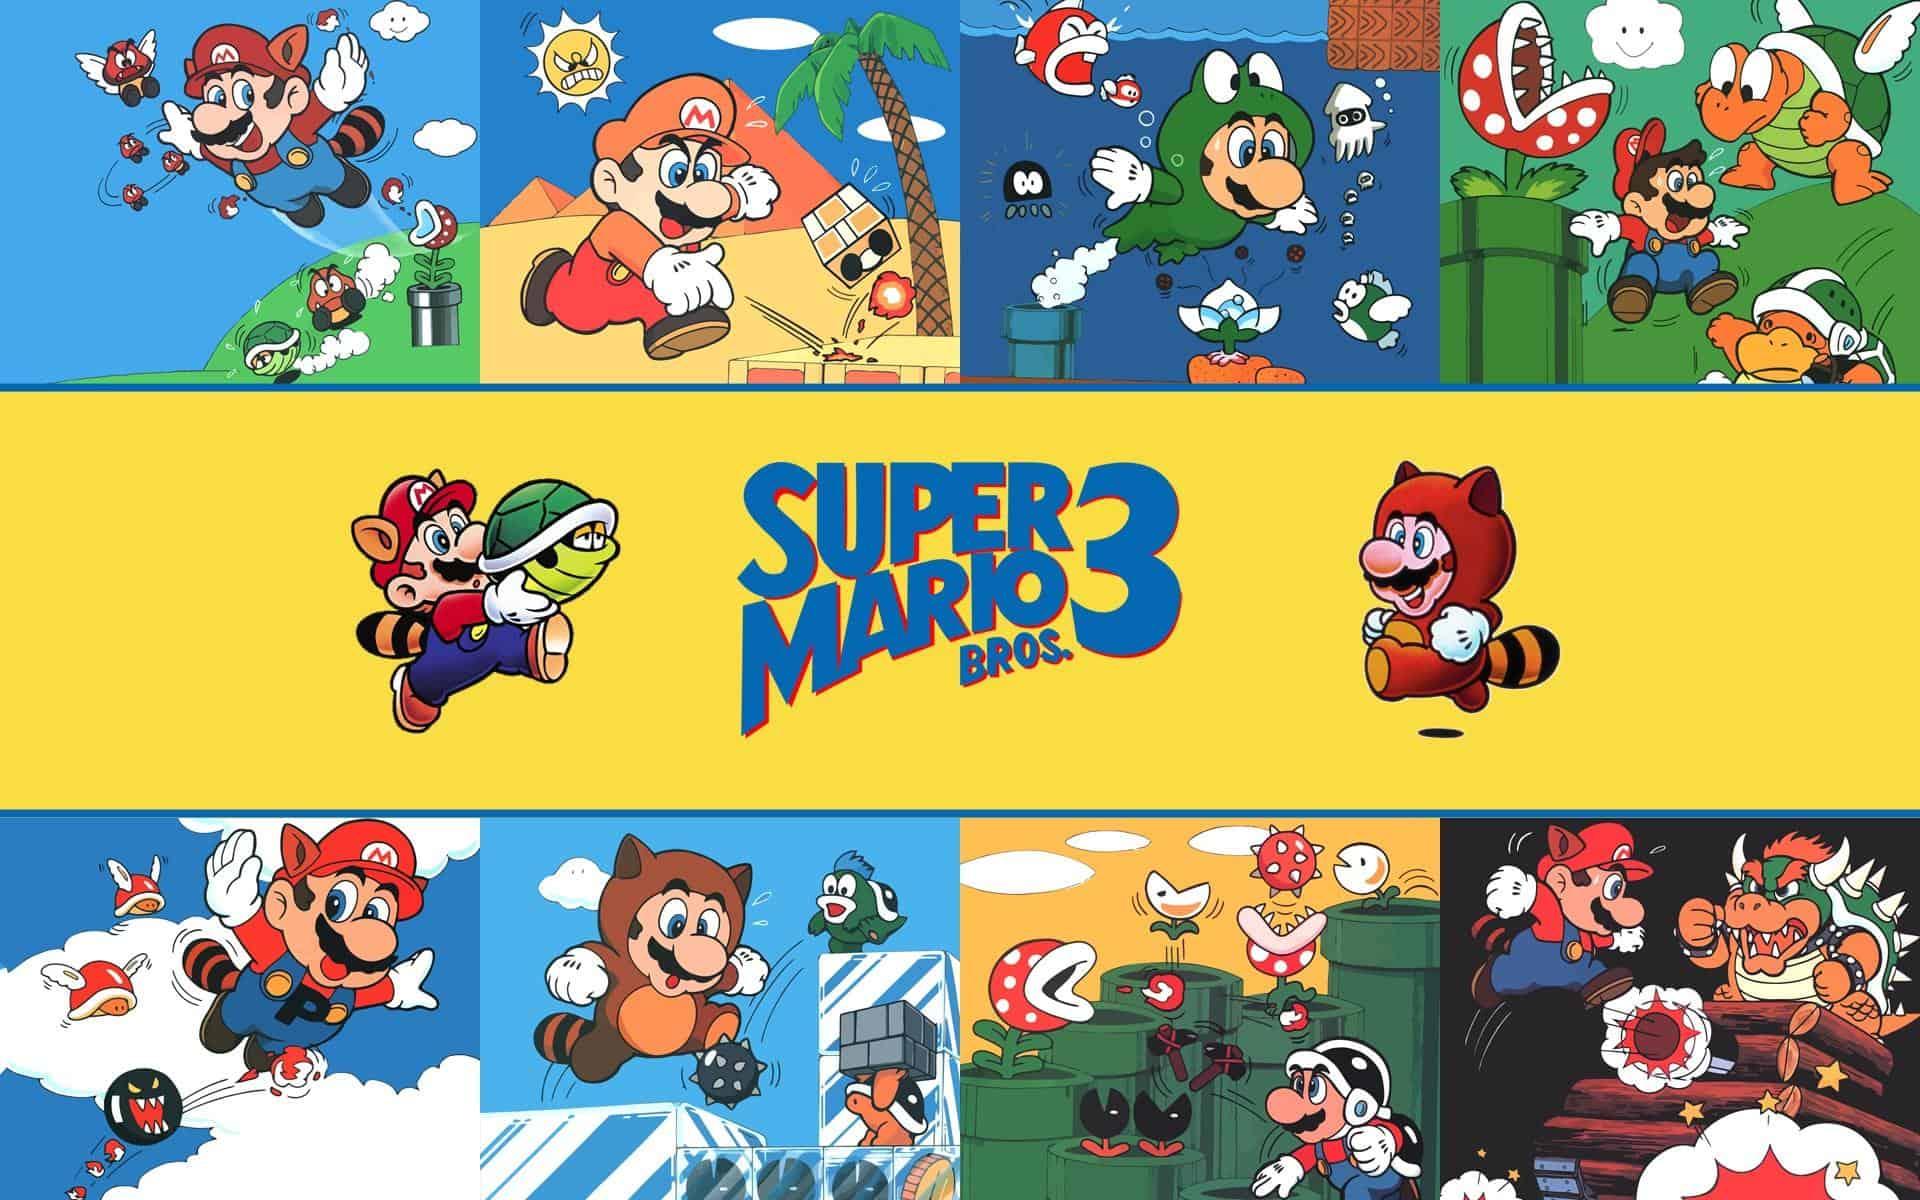 Best Super Mario Games - Super Mario Bros 3